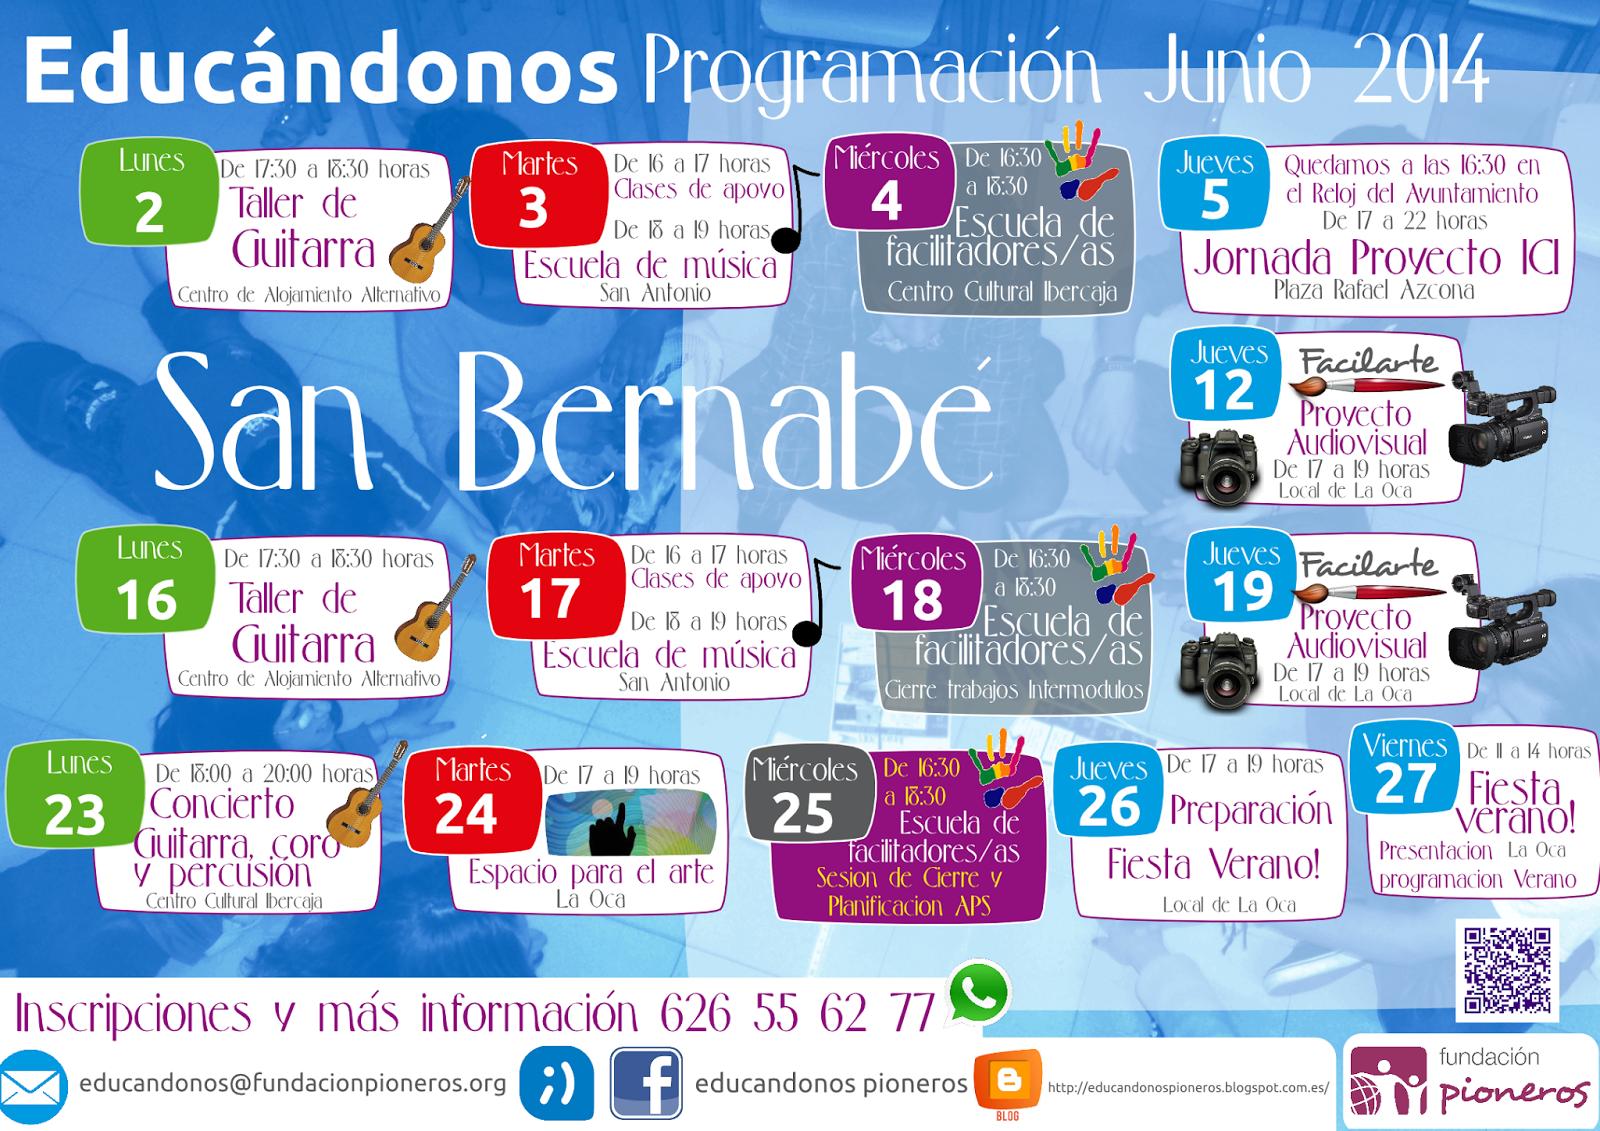 programación-mensual-educandonos-Junio-2014-página001